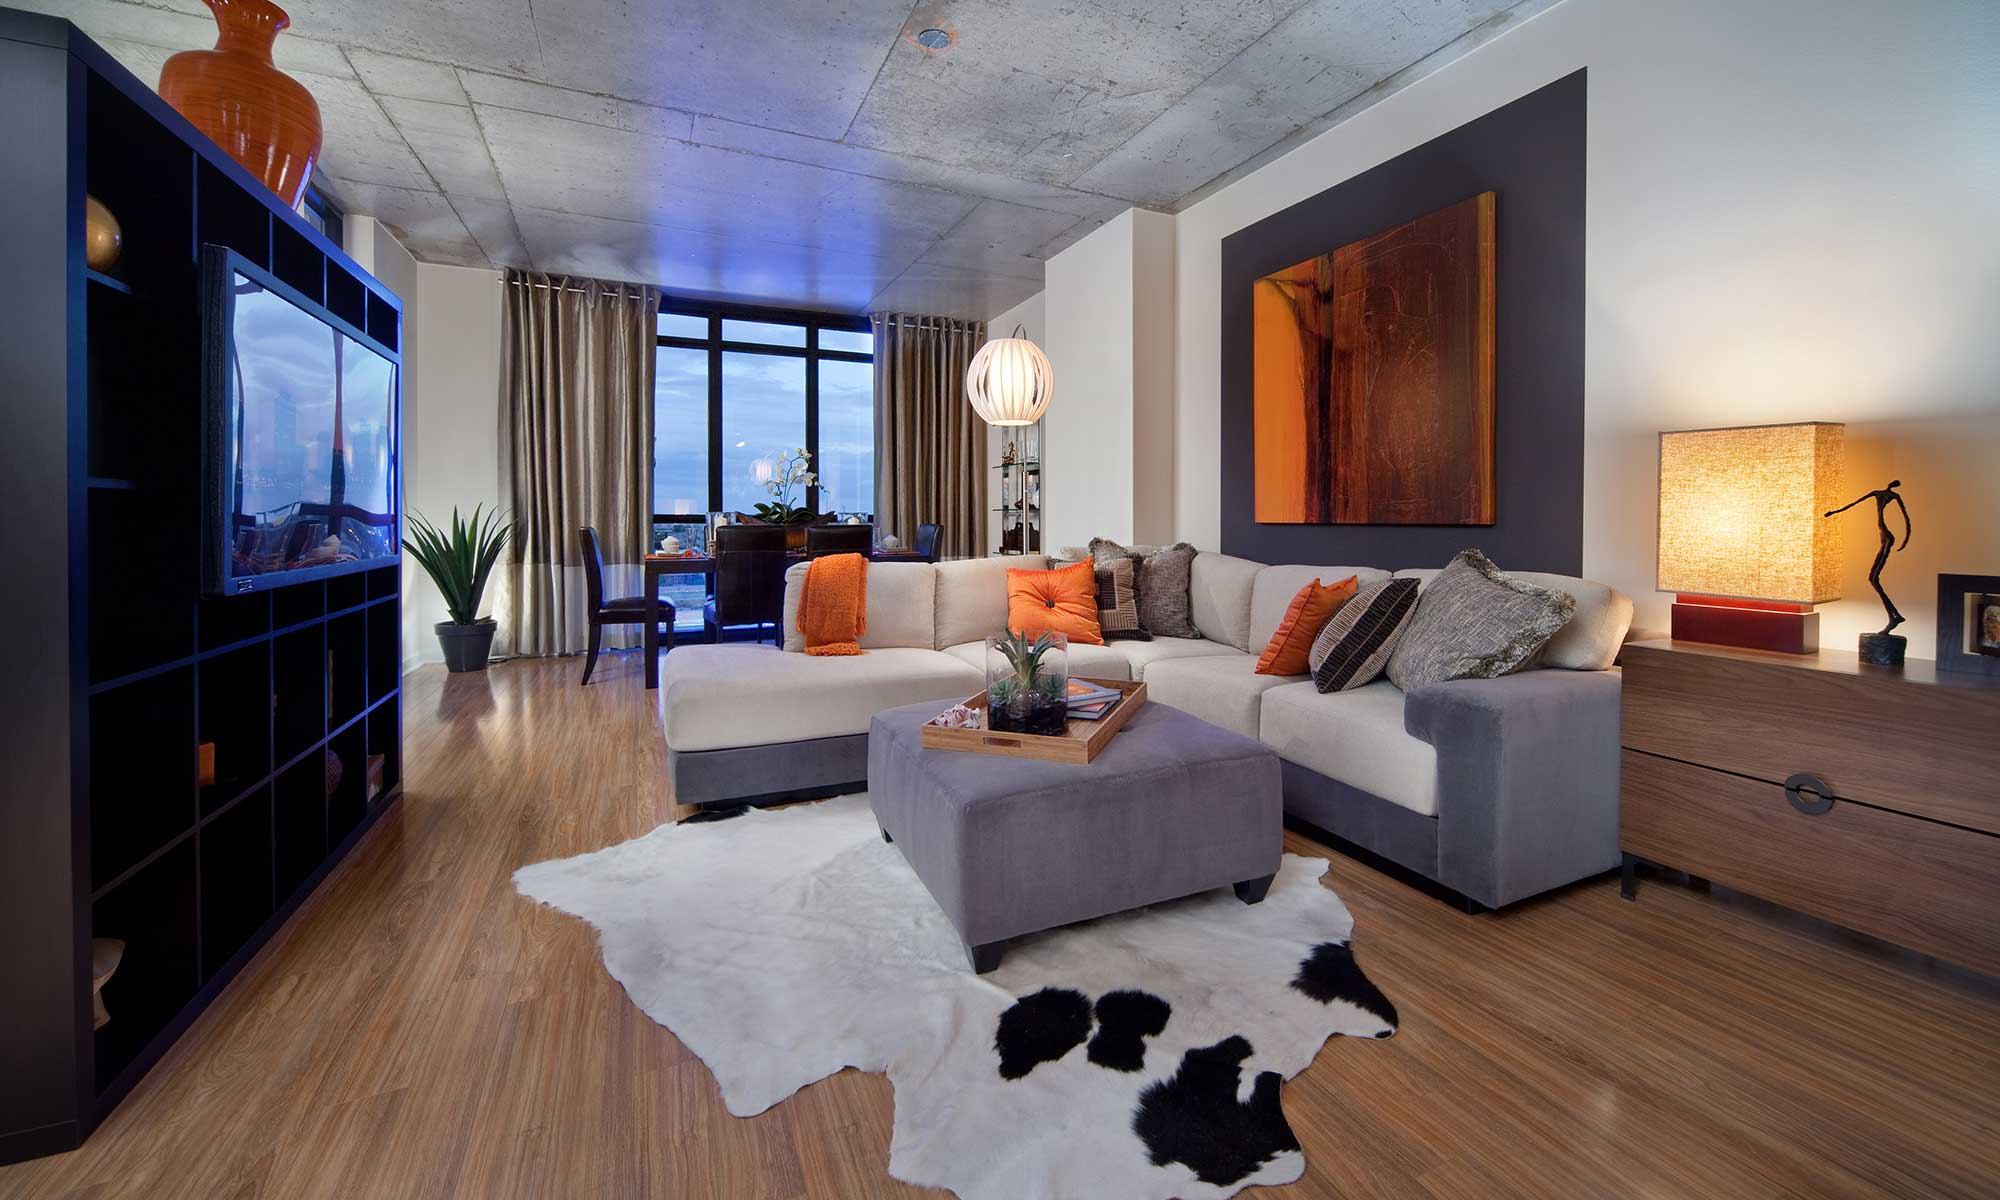 Apartment interior at Orlando, FL